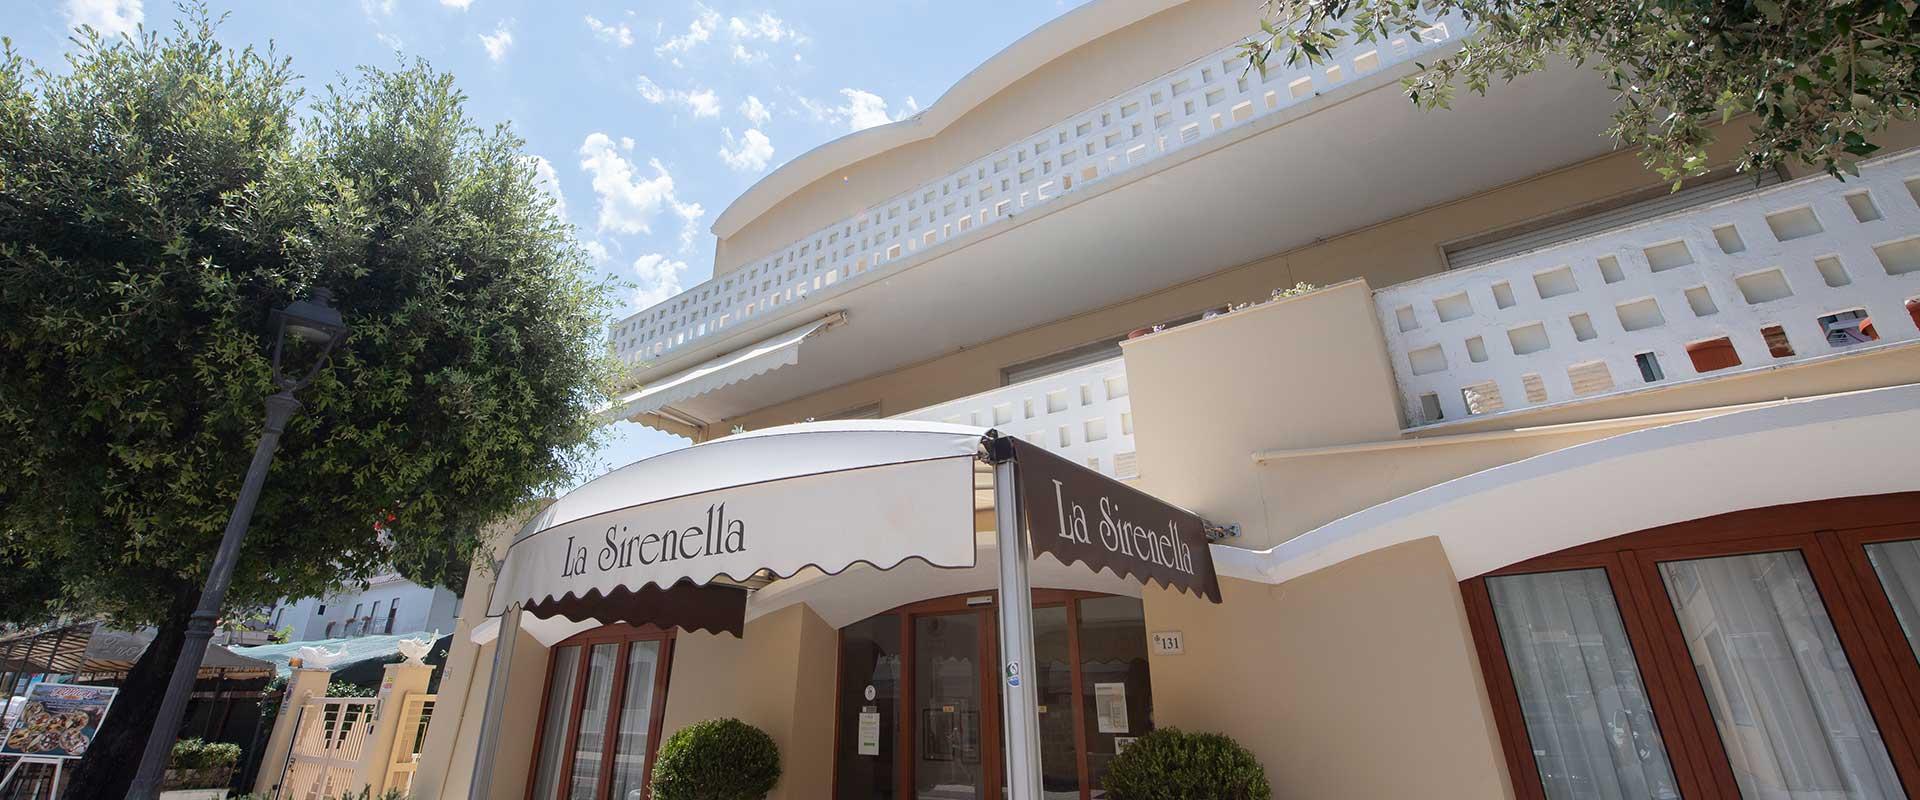 La Sirenella